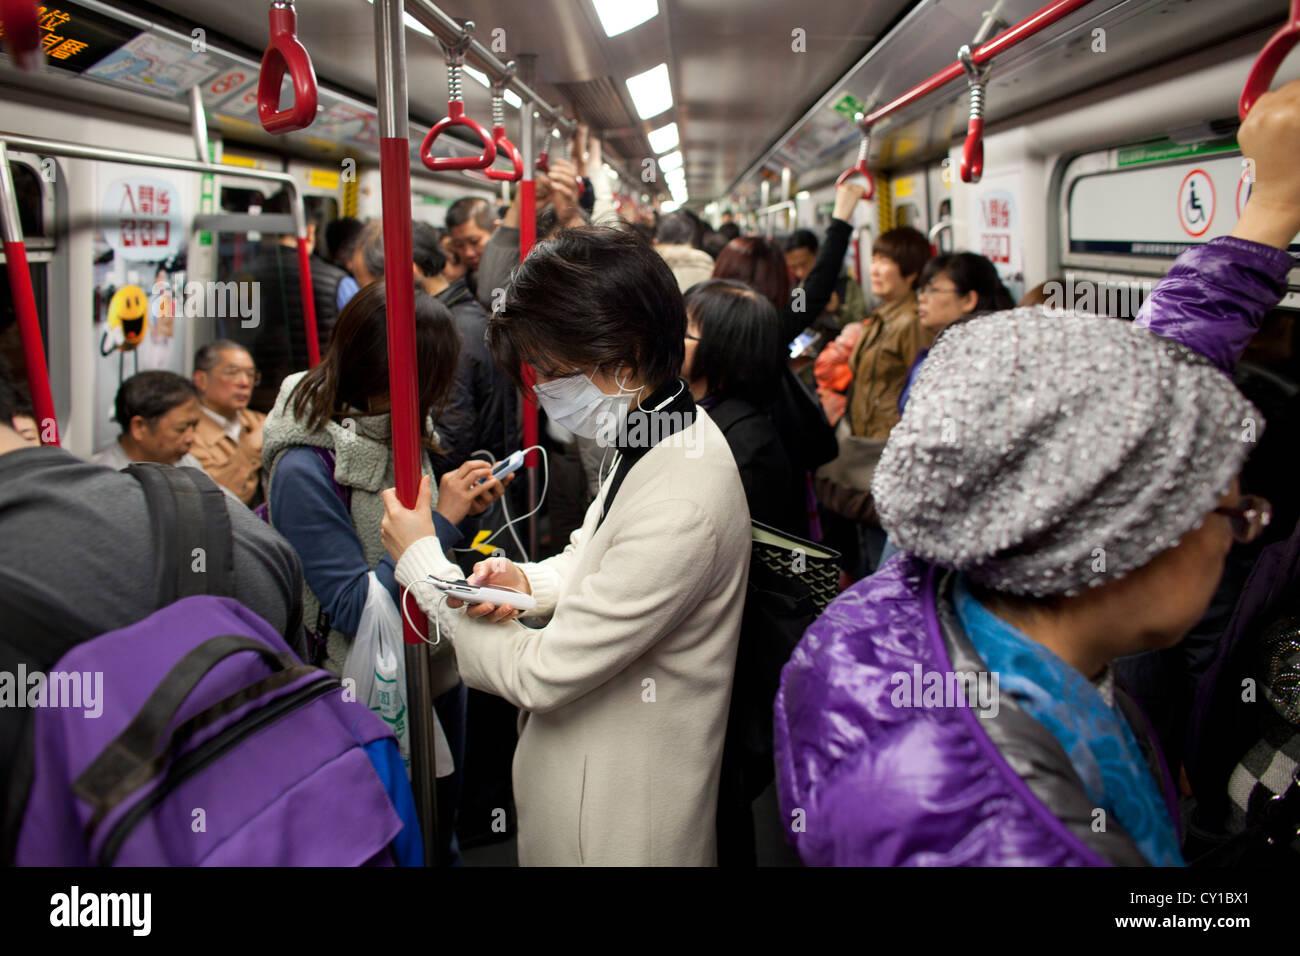 Hongkong subway system - Stock Image